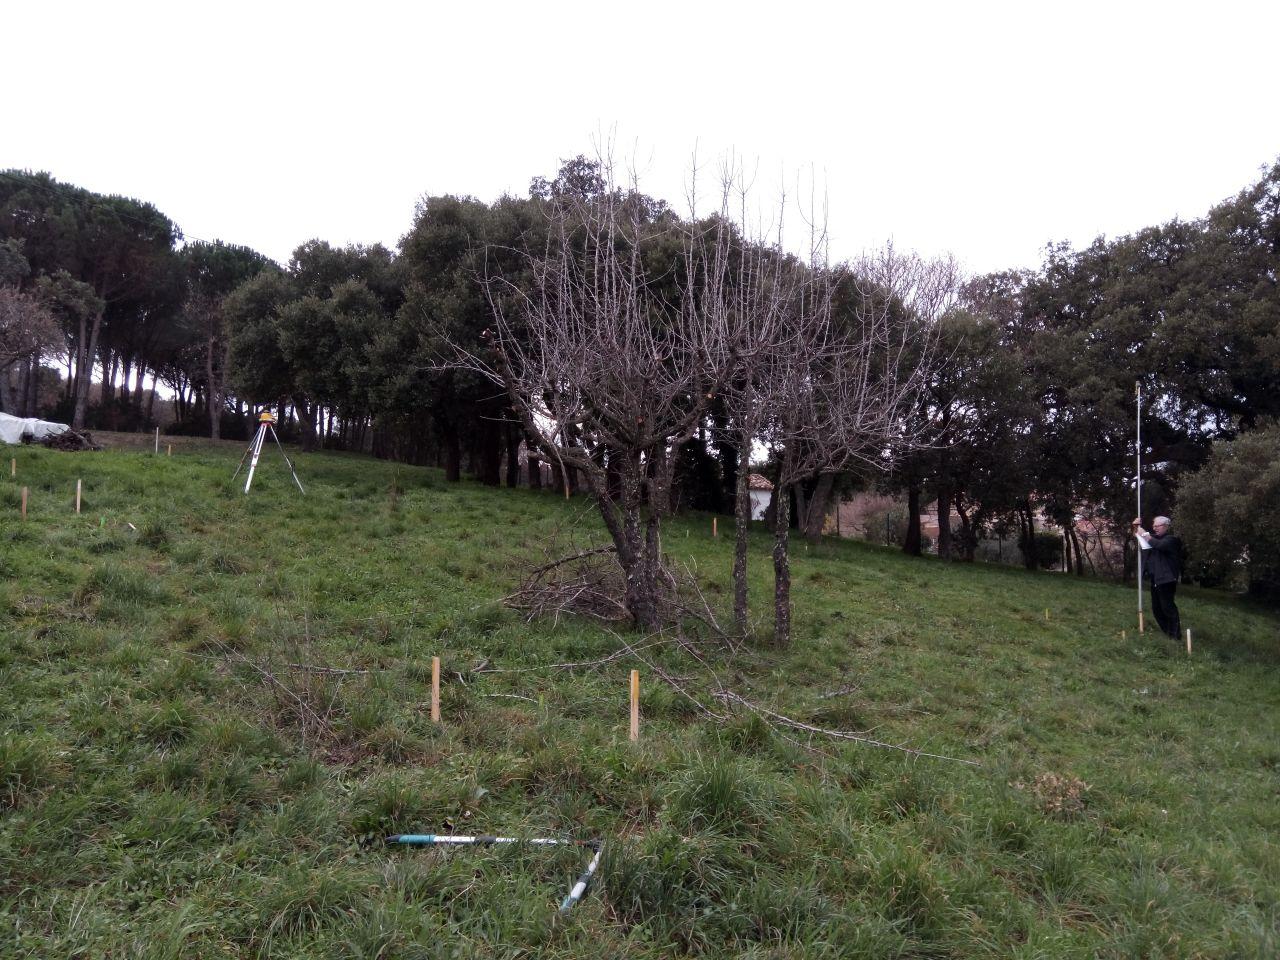 Répartition des tâches : moi je taille les arbres, mon père calcule le niveau des piquets préalablement posés.